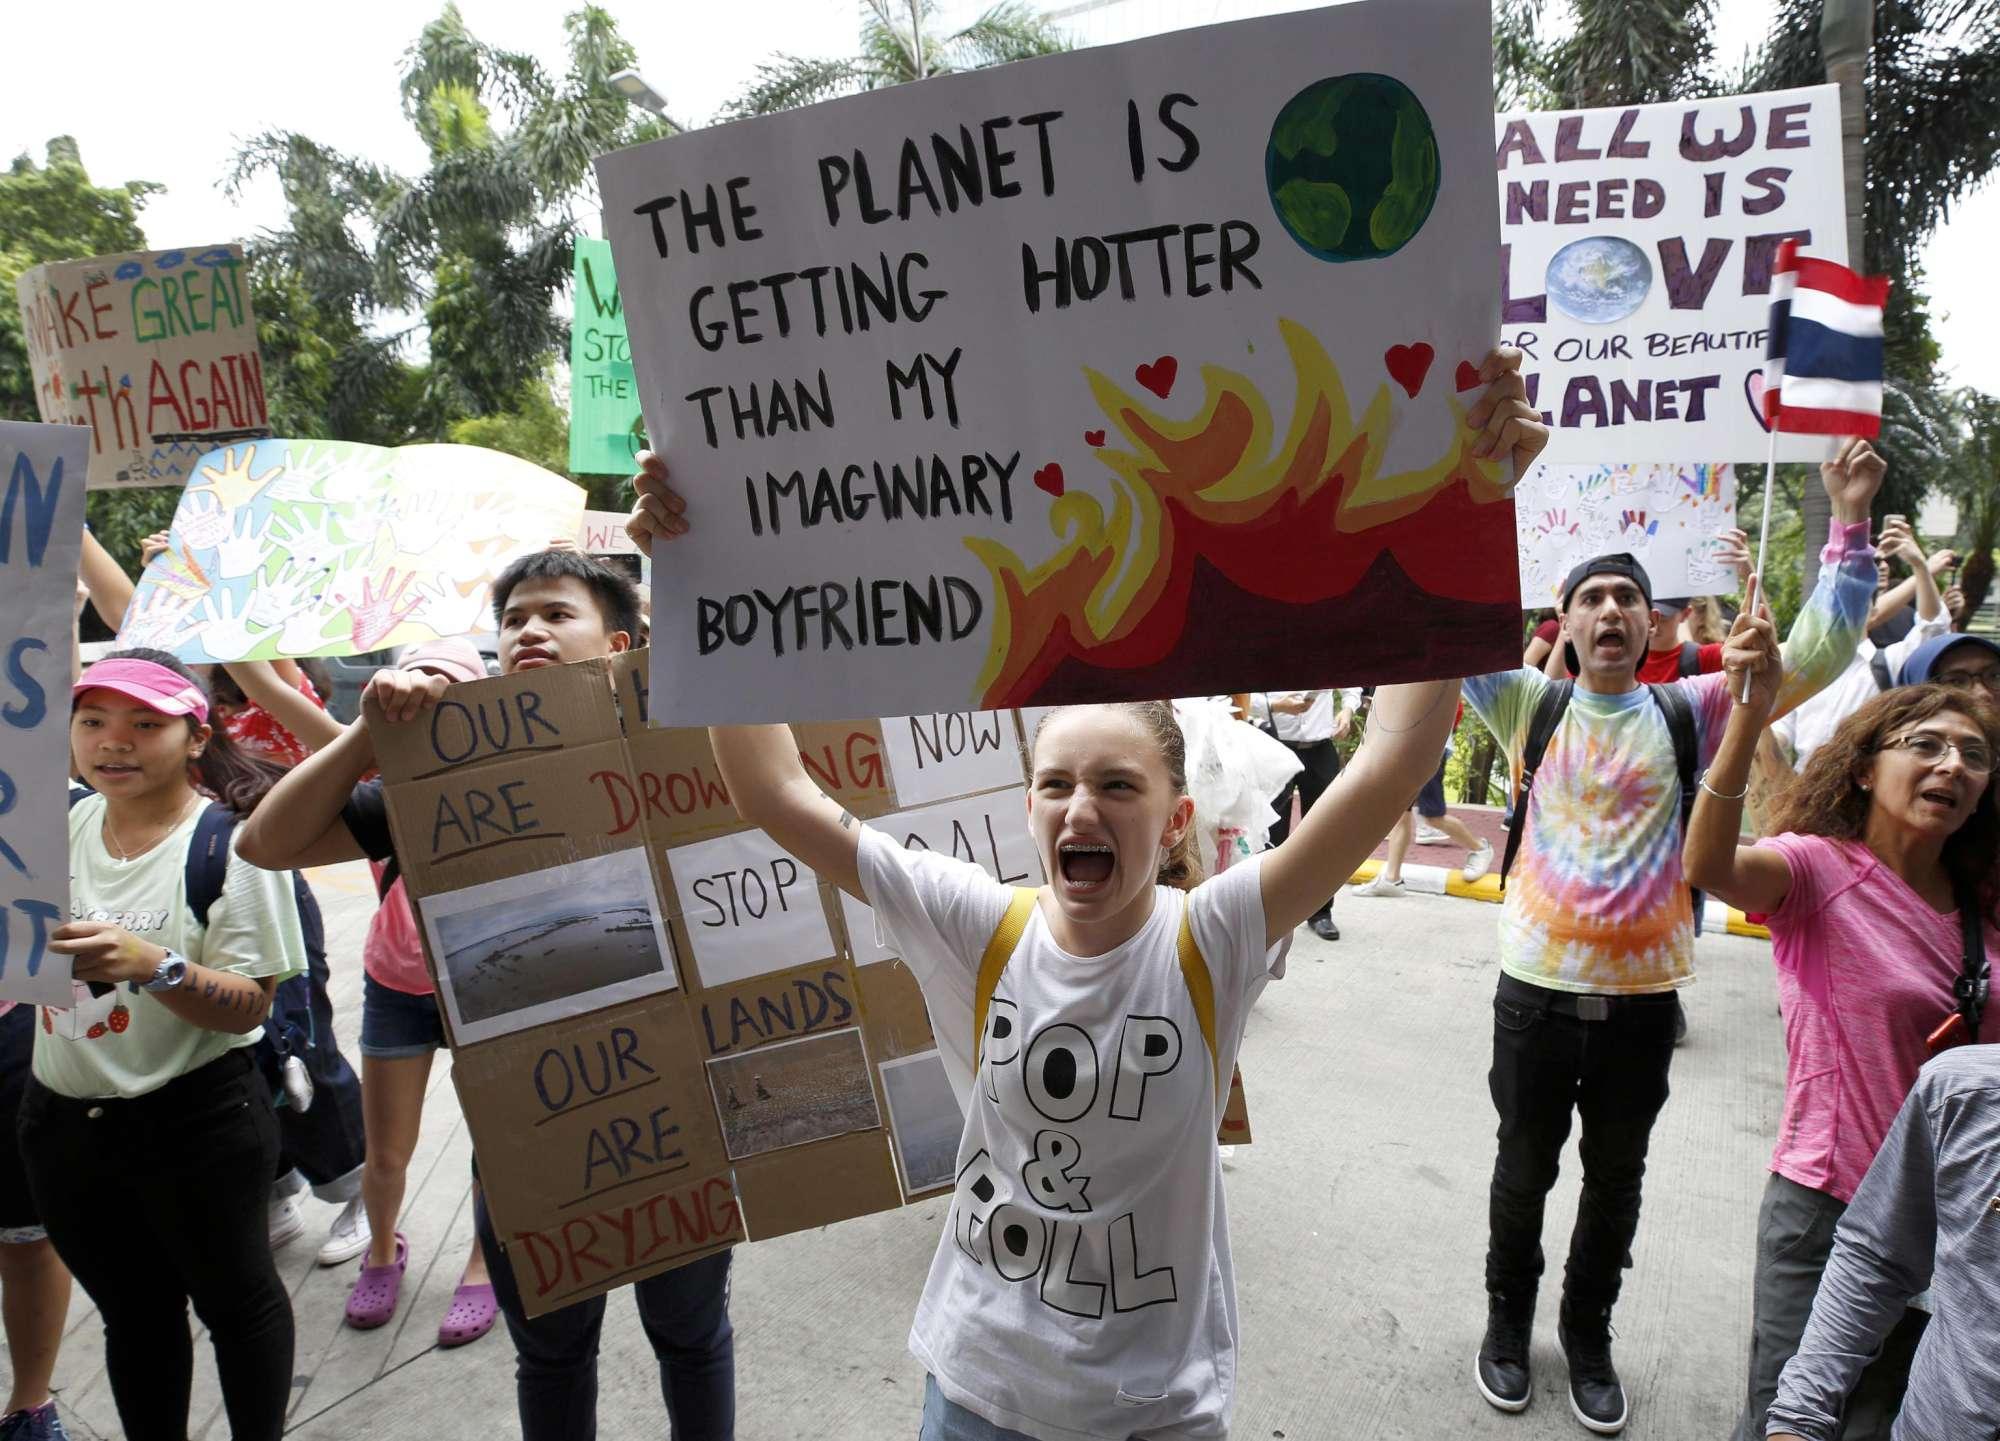 Emergenza clima, da Australia e Asia parte lo sciopero globale: migliaia di studenti in piazza